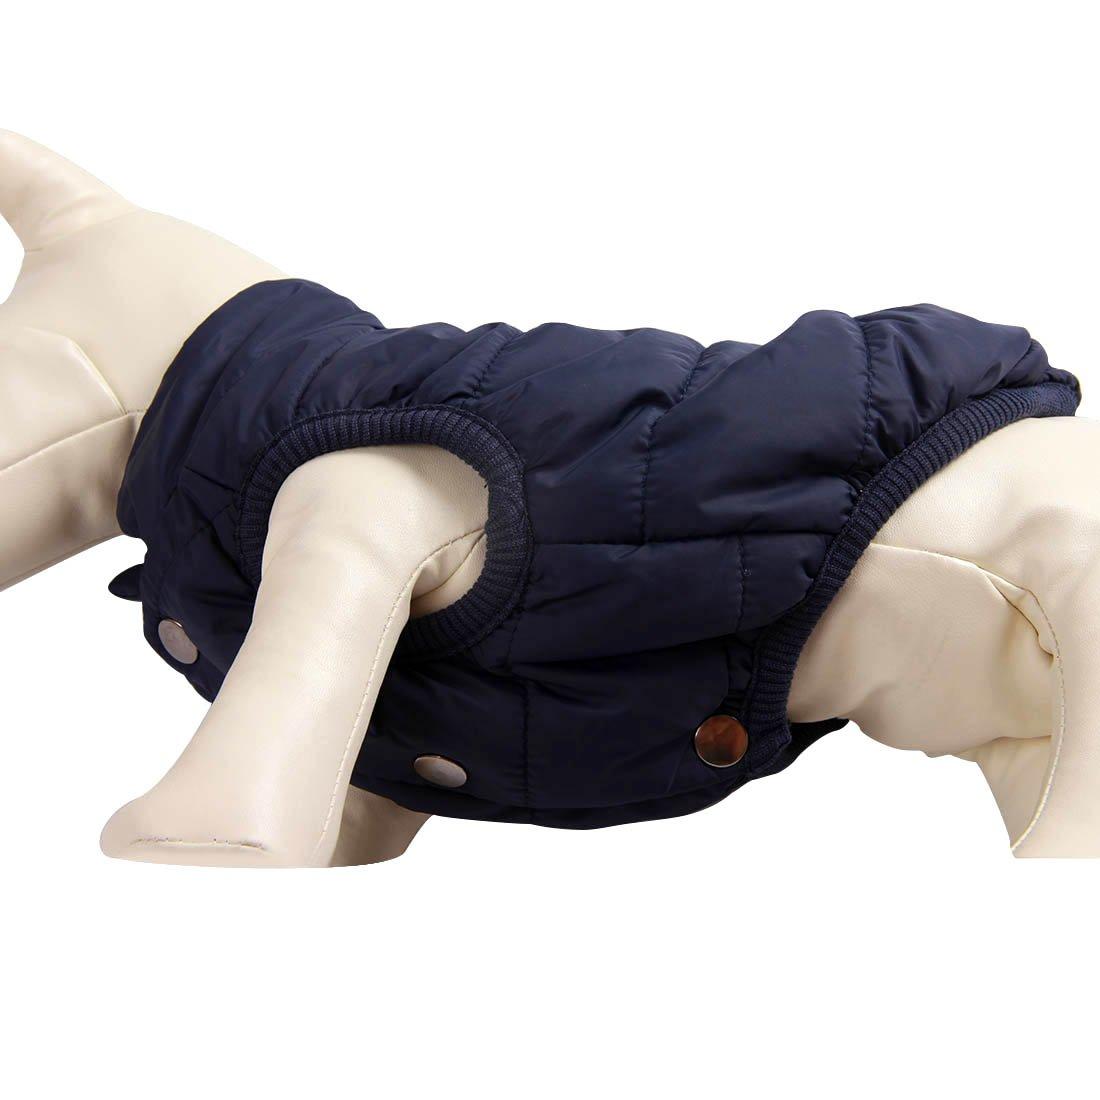 JoyDaog 2-lagige mit Fleece gef/ütterte Hundejacke extraweiche rot sehr warm f/ür Winter und kaltes Wetter winddichte Hundeweste